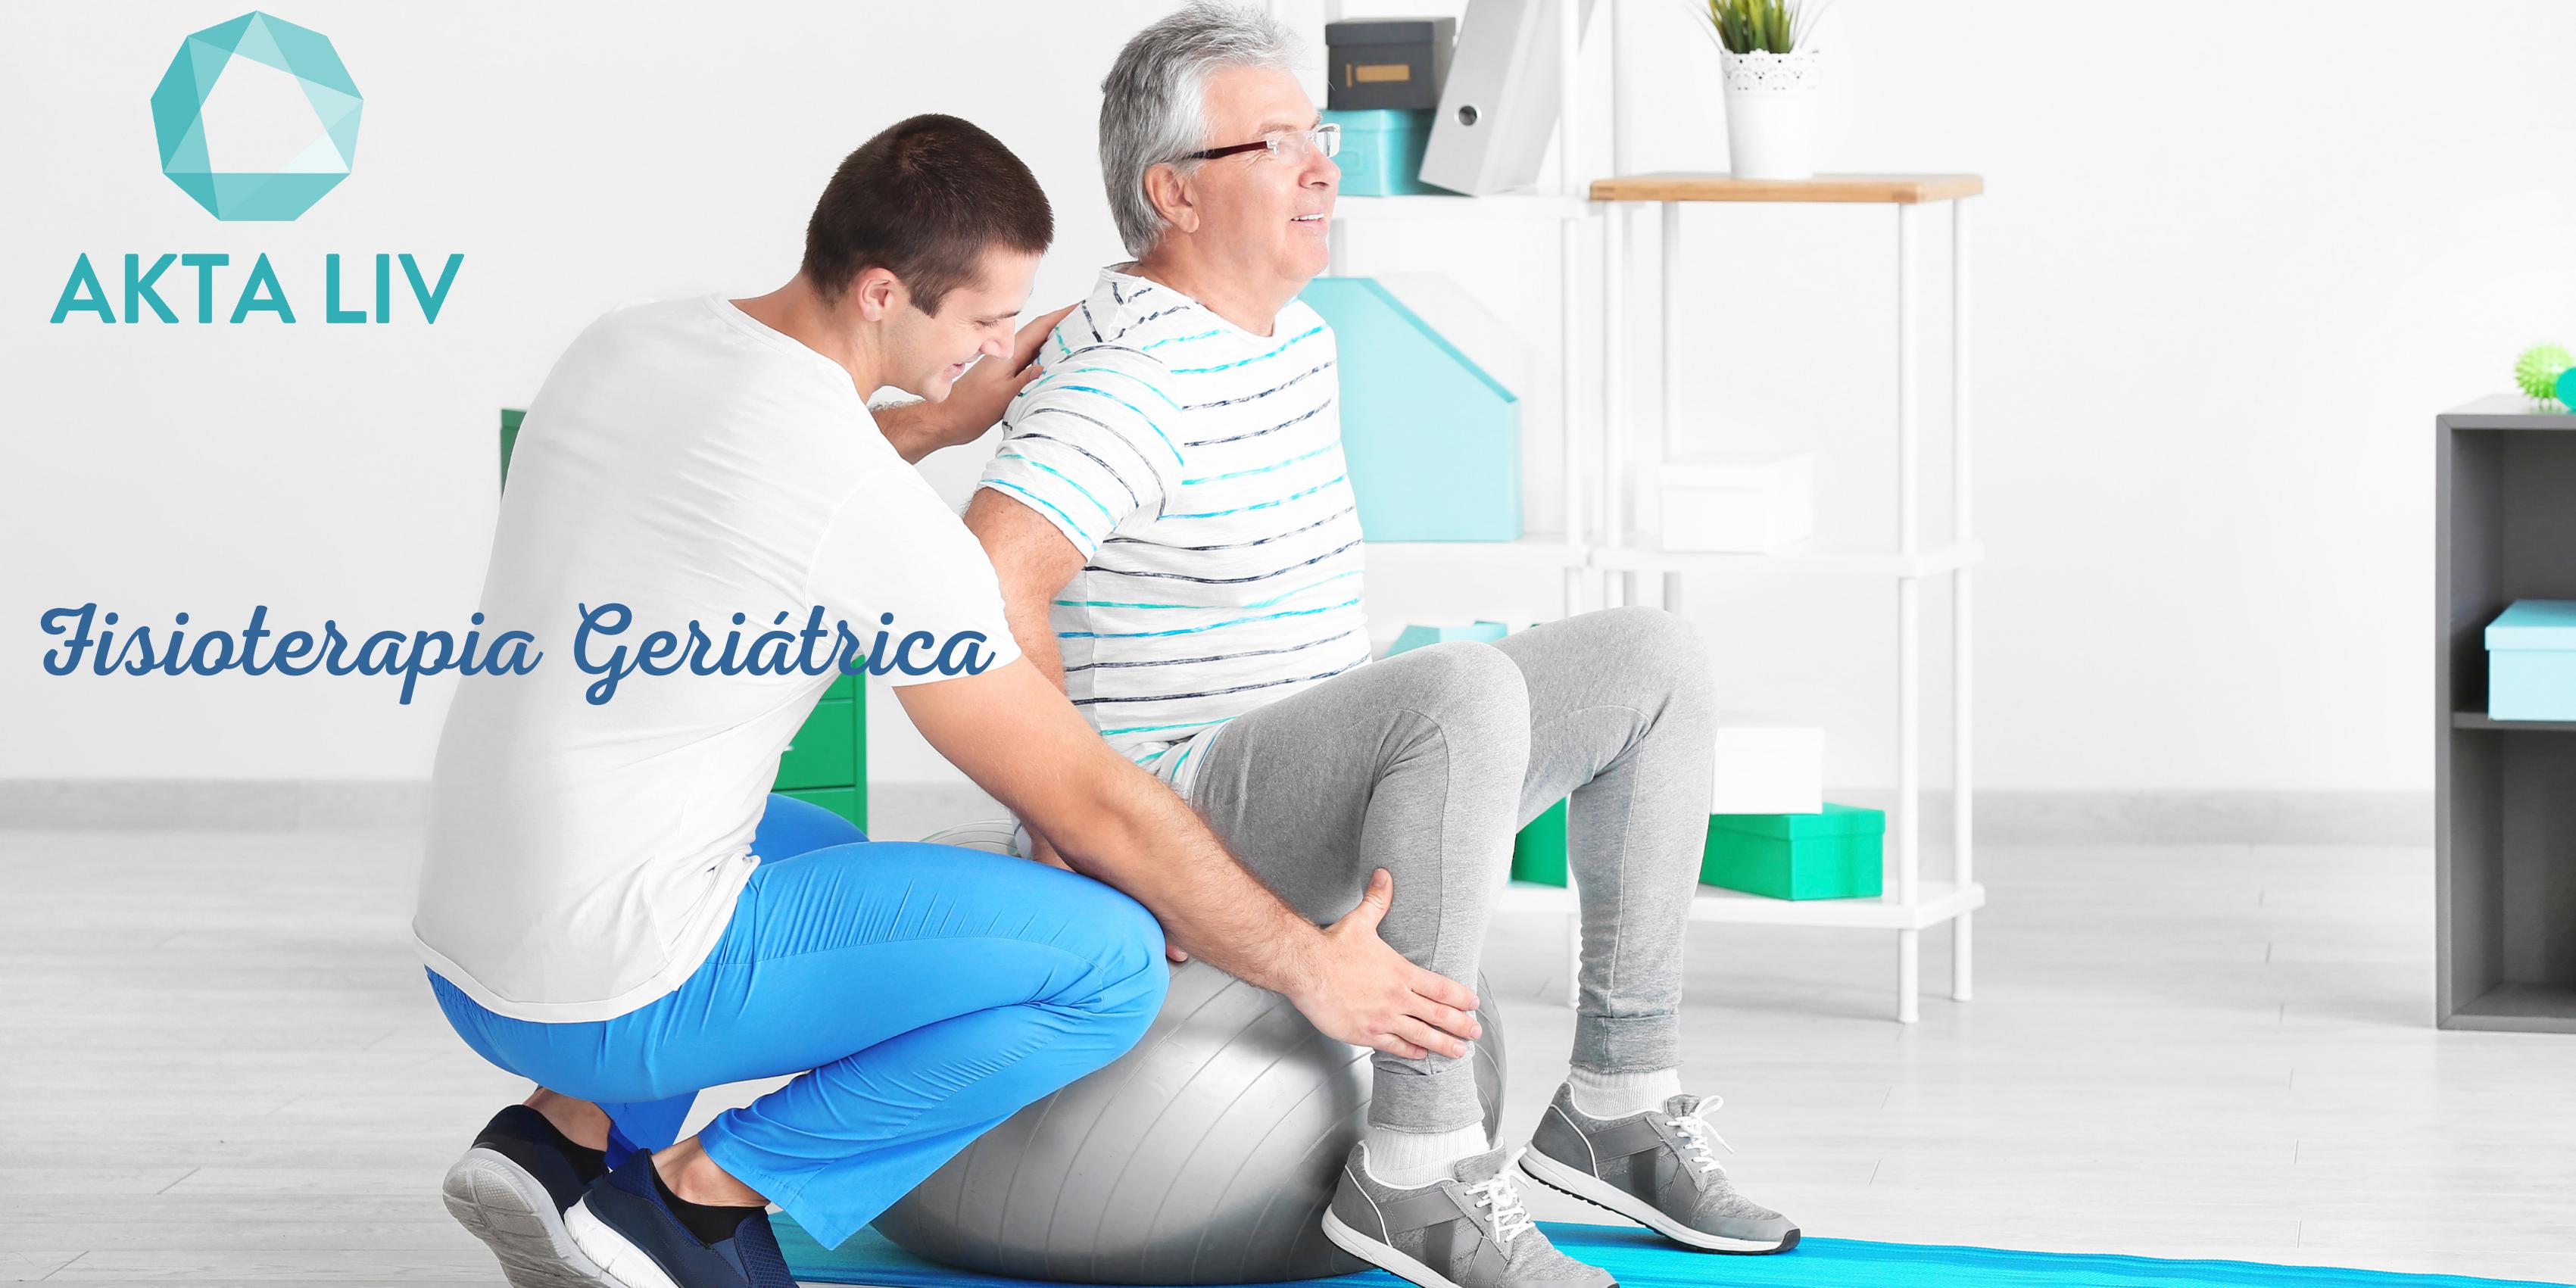 akta liv - guilherme abreu fisioterapia - Benefícios do Pilates - fisoterapia geriatrica